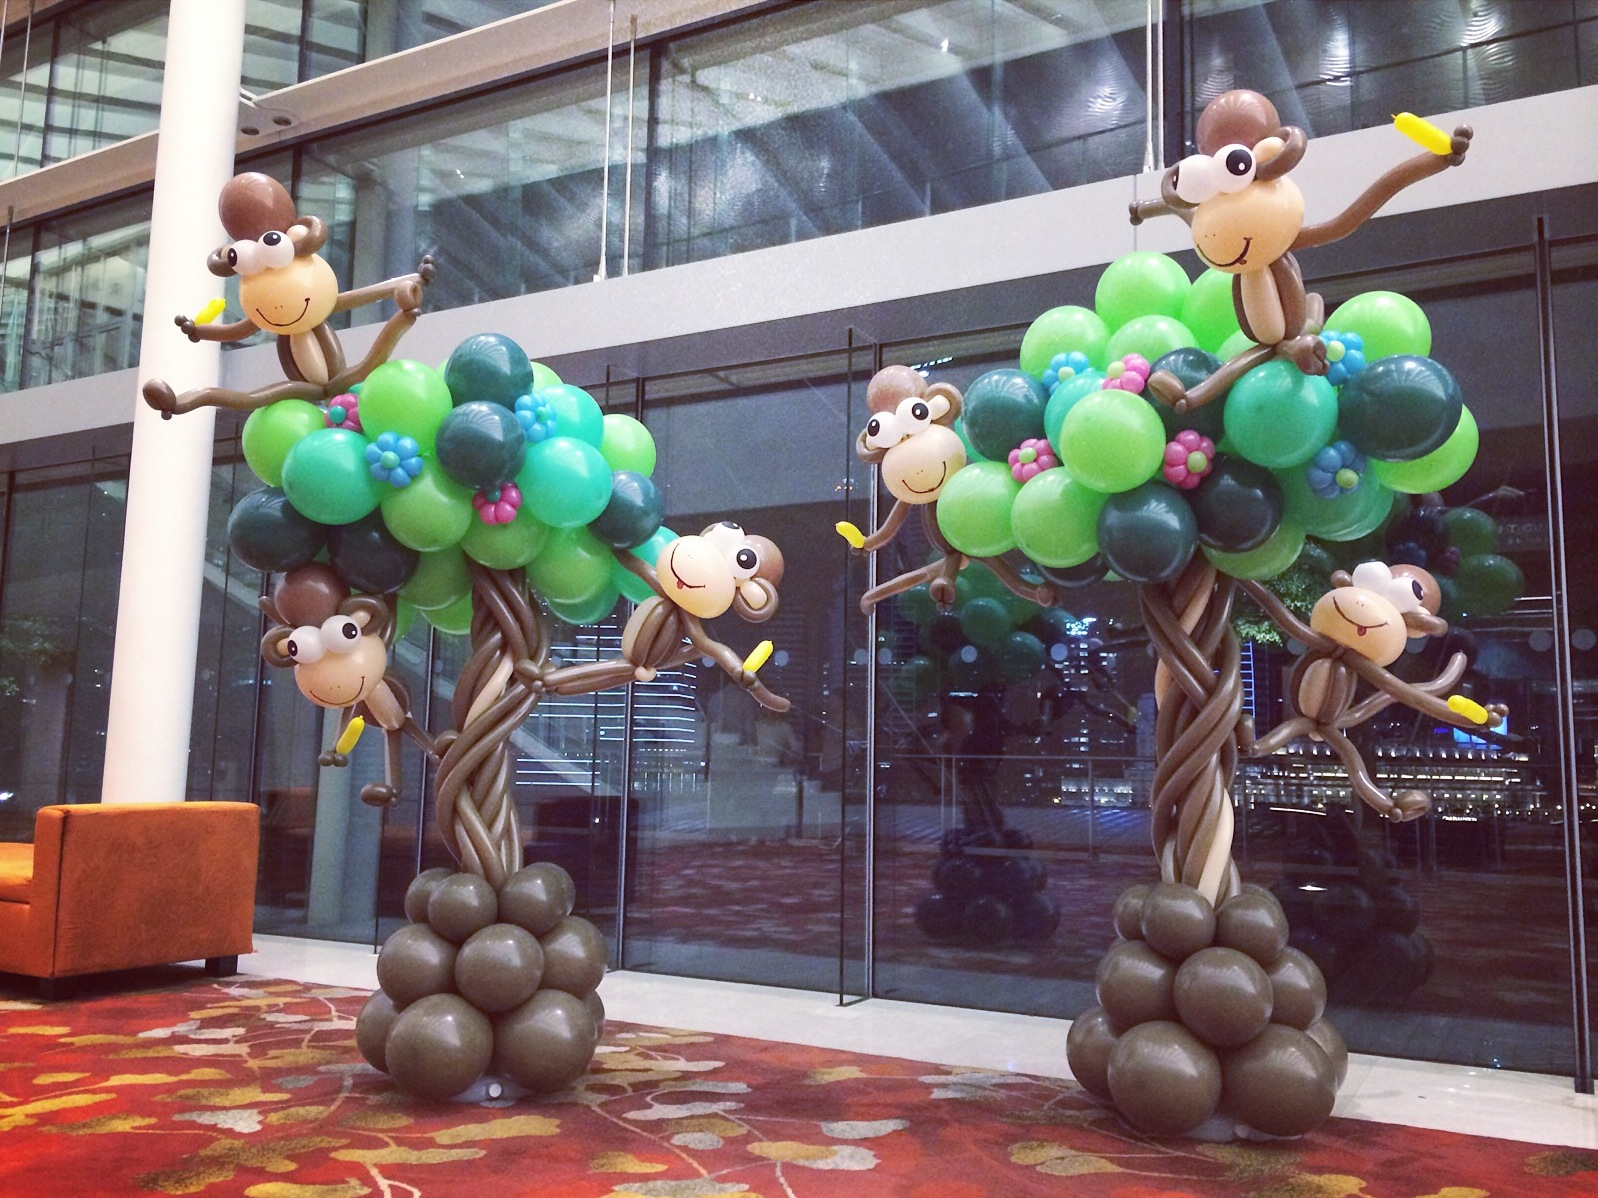 Balloon Monkeys on Tree Display